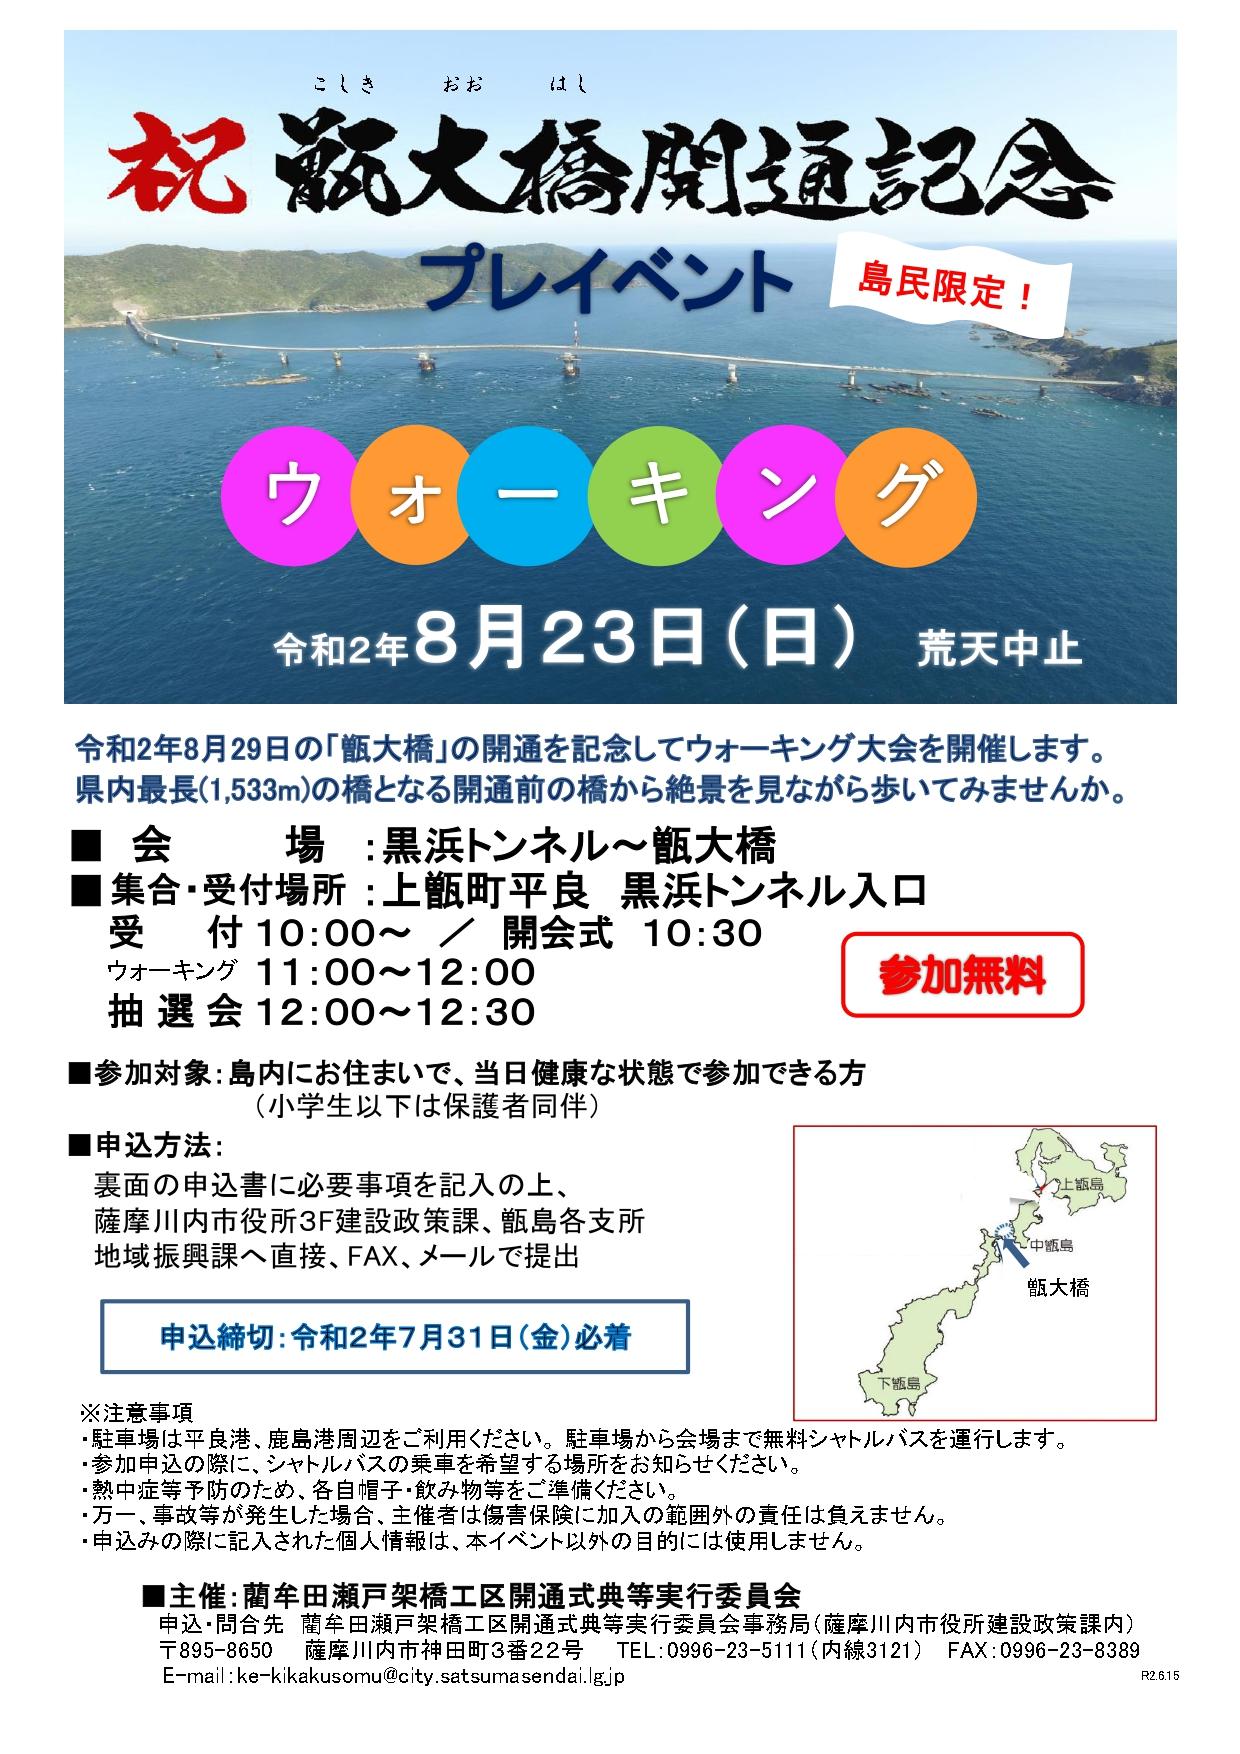 【島民限定】甑大橋開通記念プレイベント ウォーキング大会参加者募集